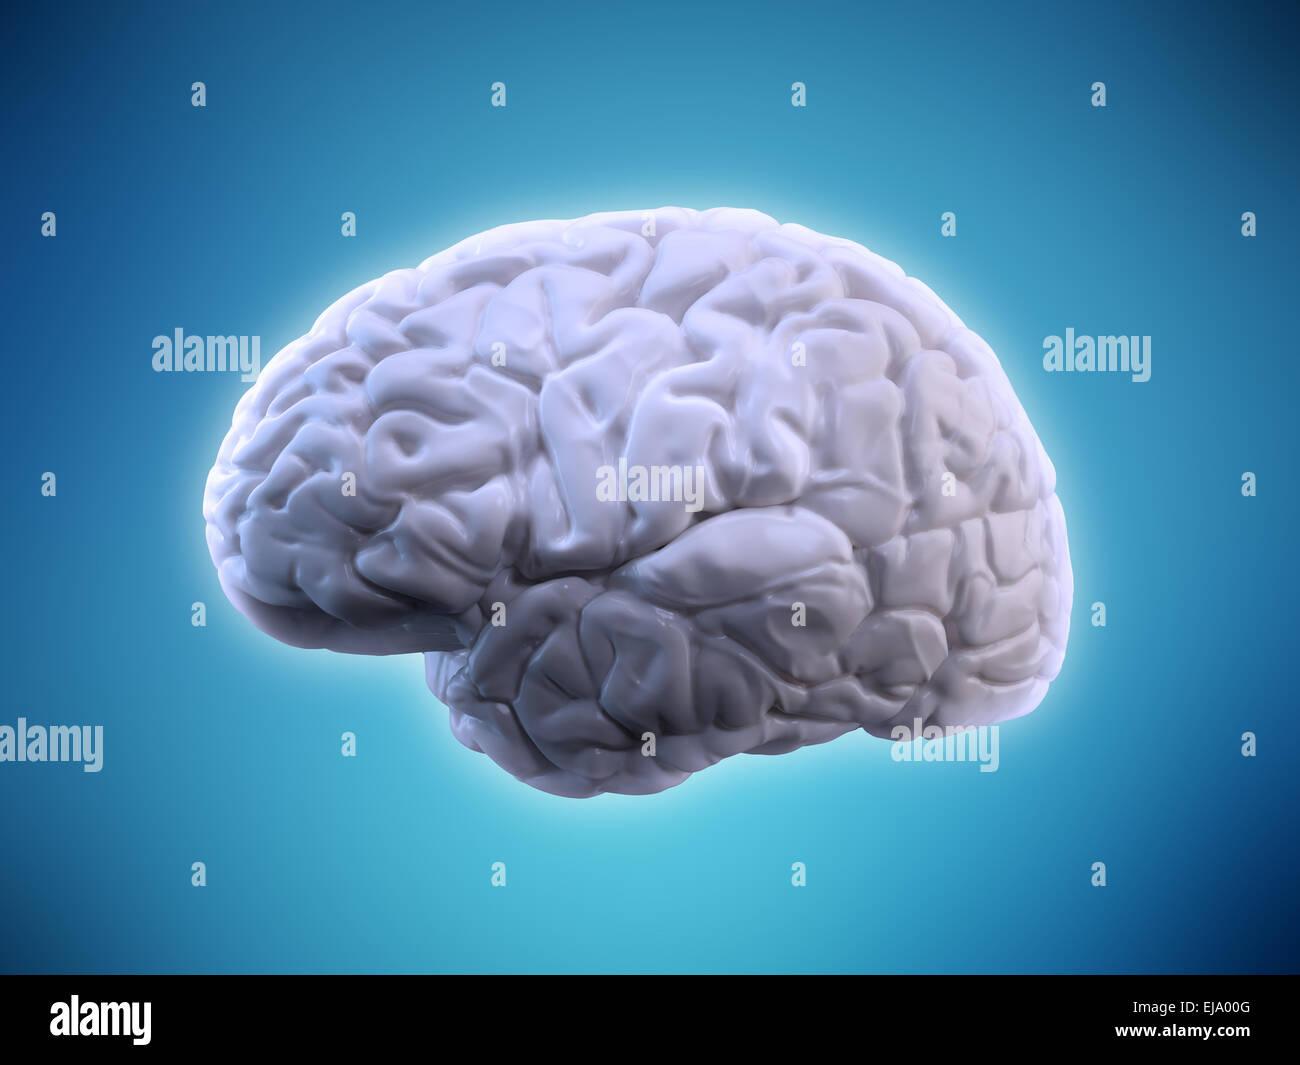 Cerebro Humano ilustración - anatomía humana Imagen De Stock